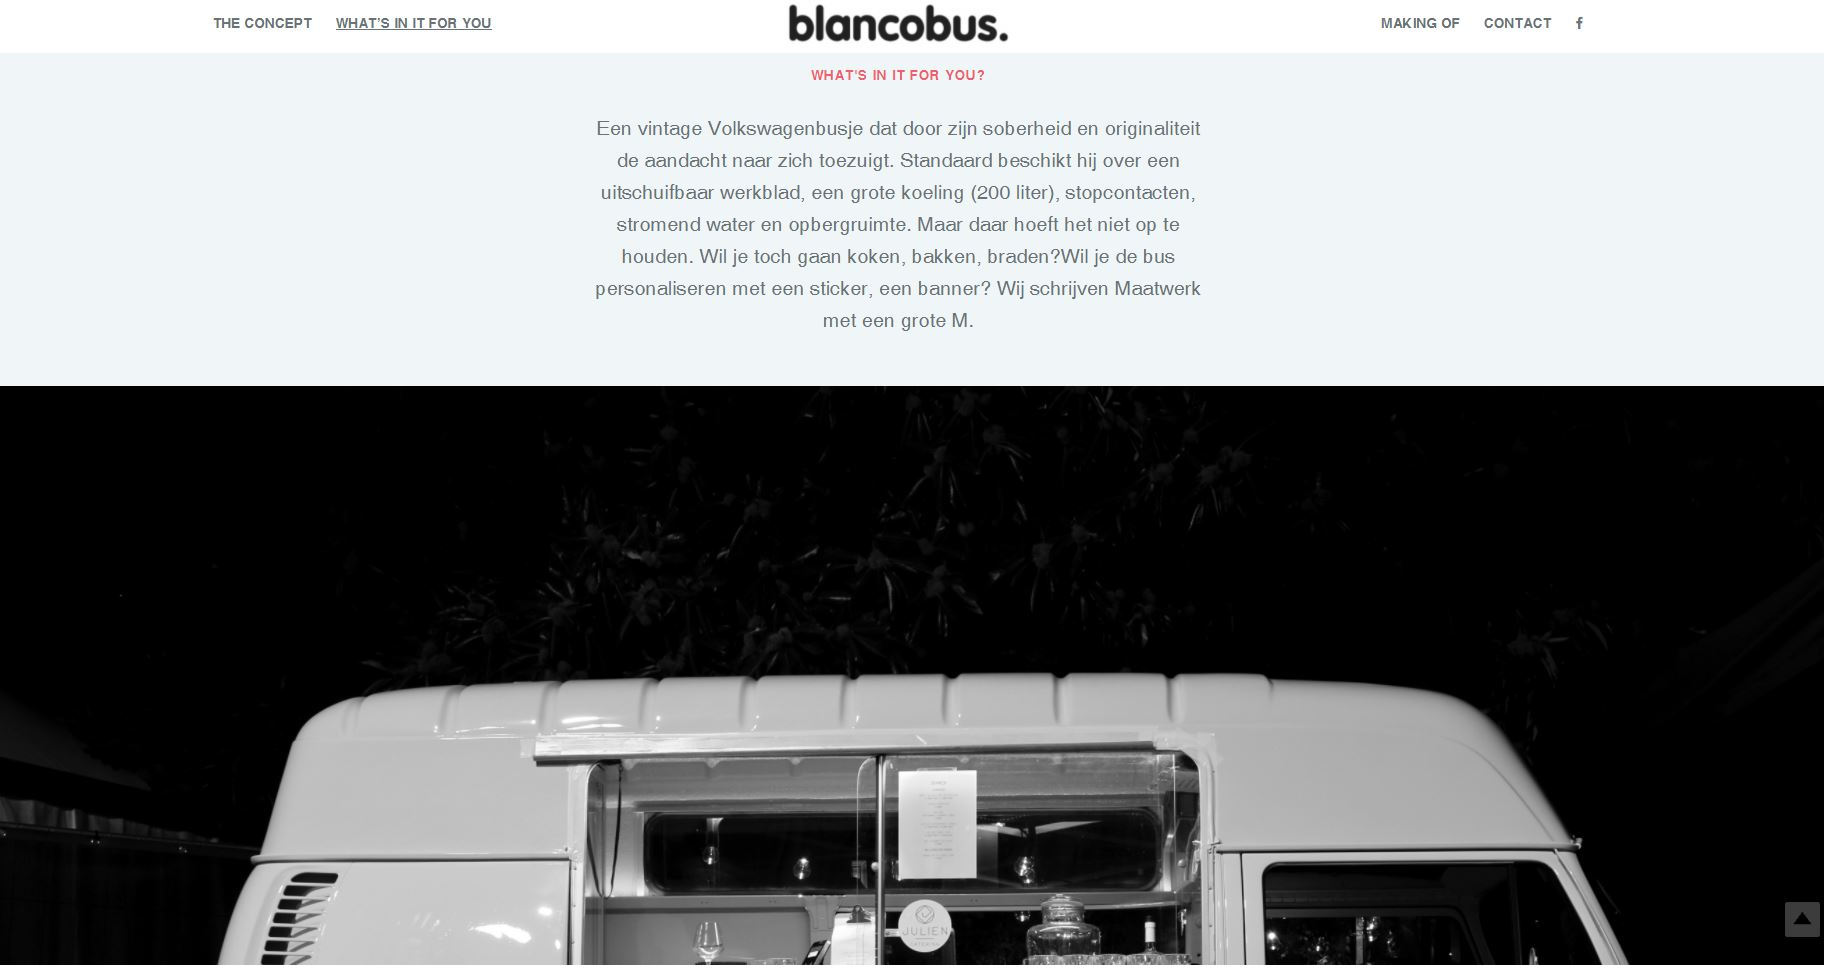 Blancobus 1